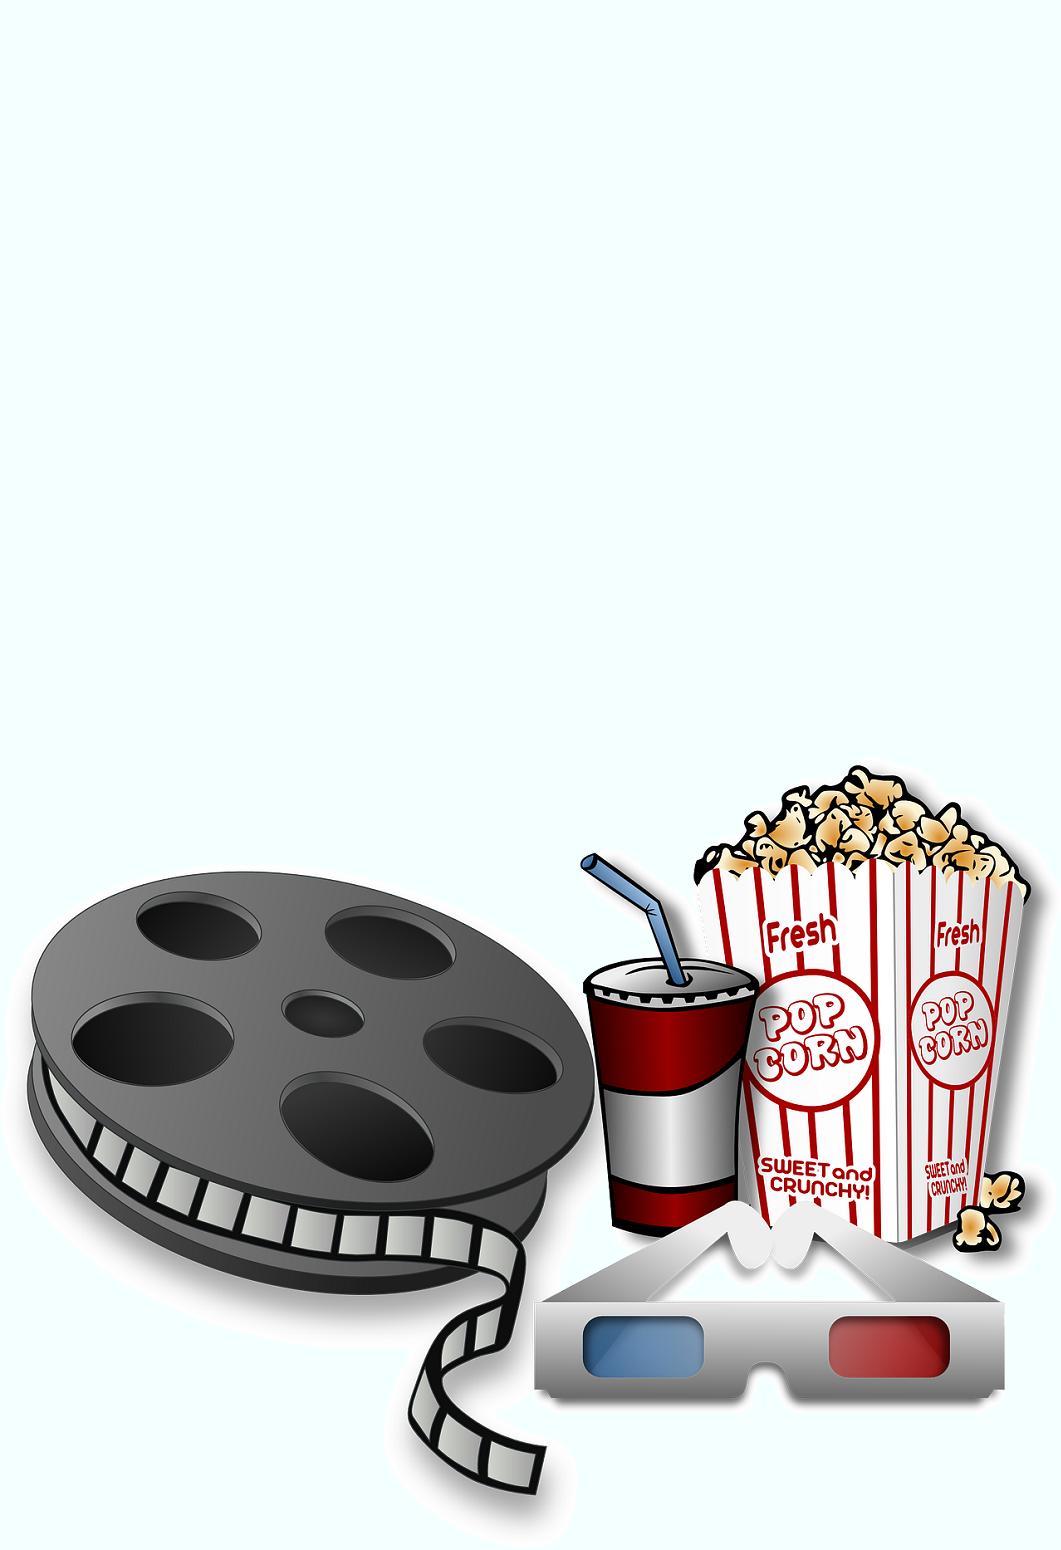 Filmschauen